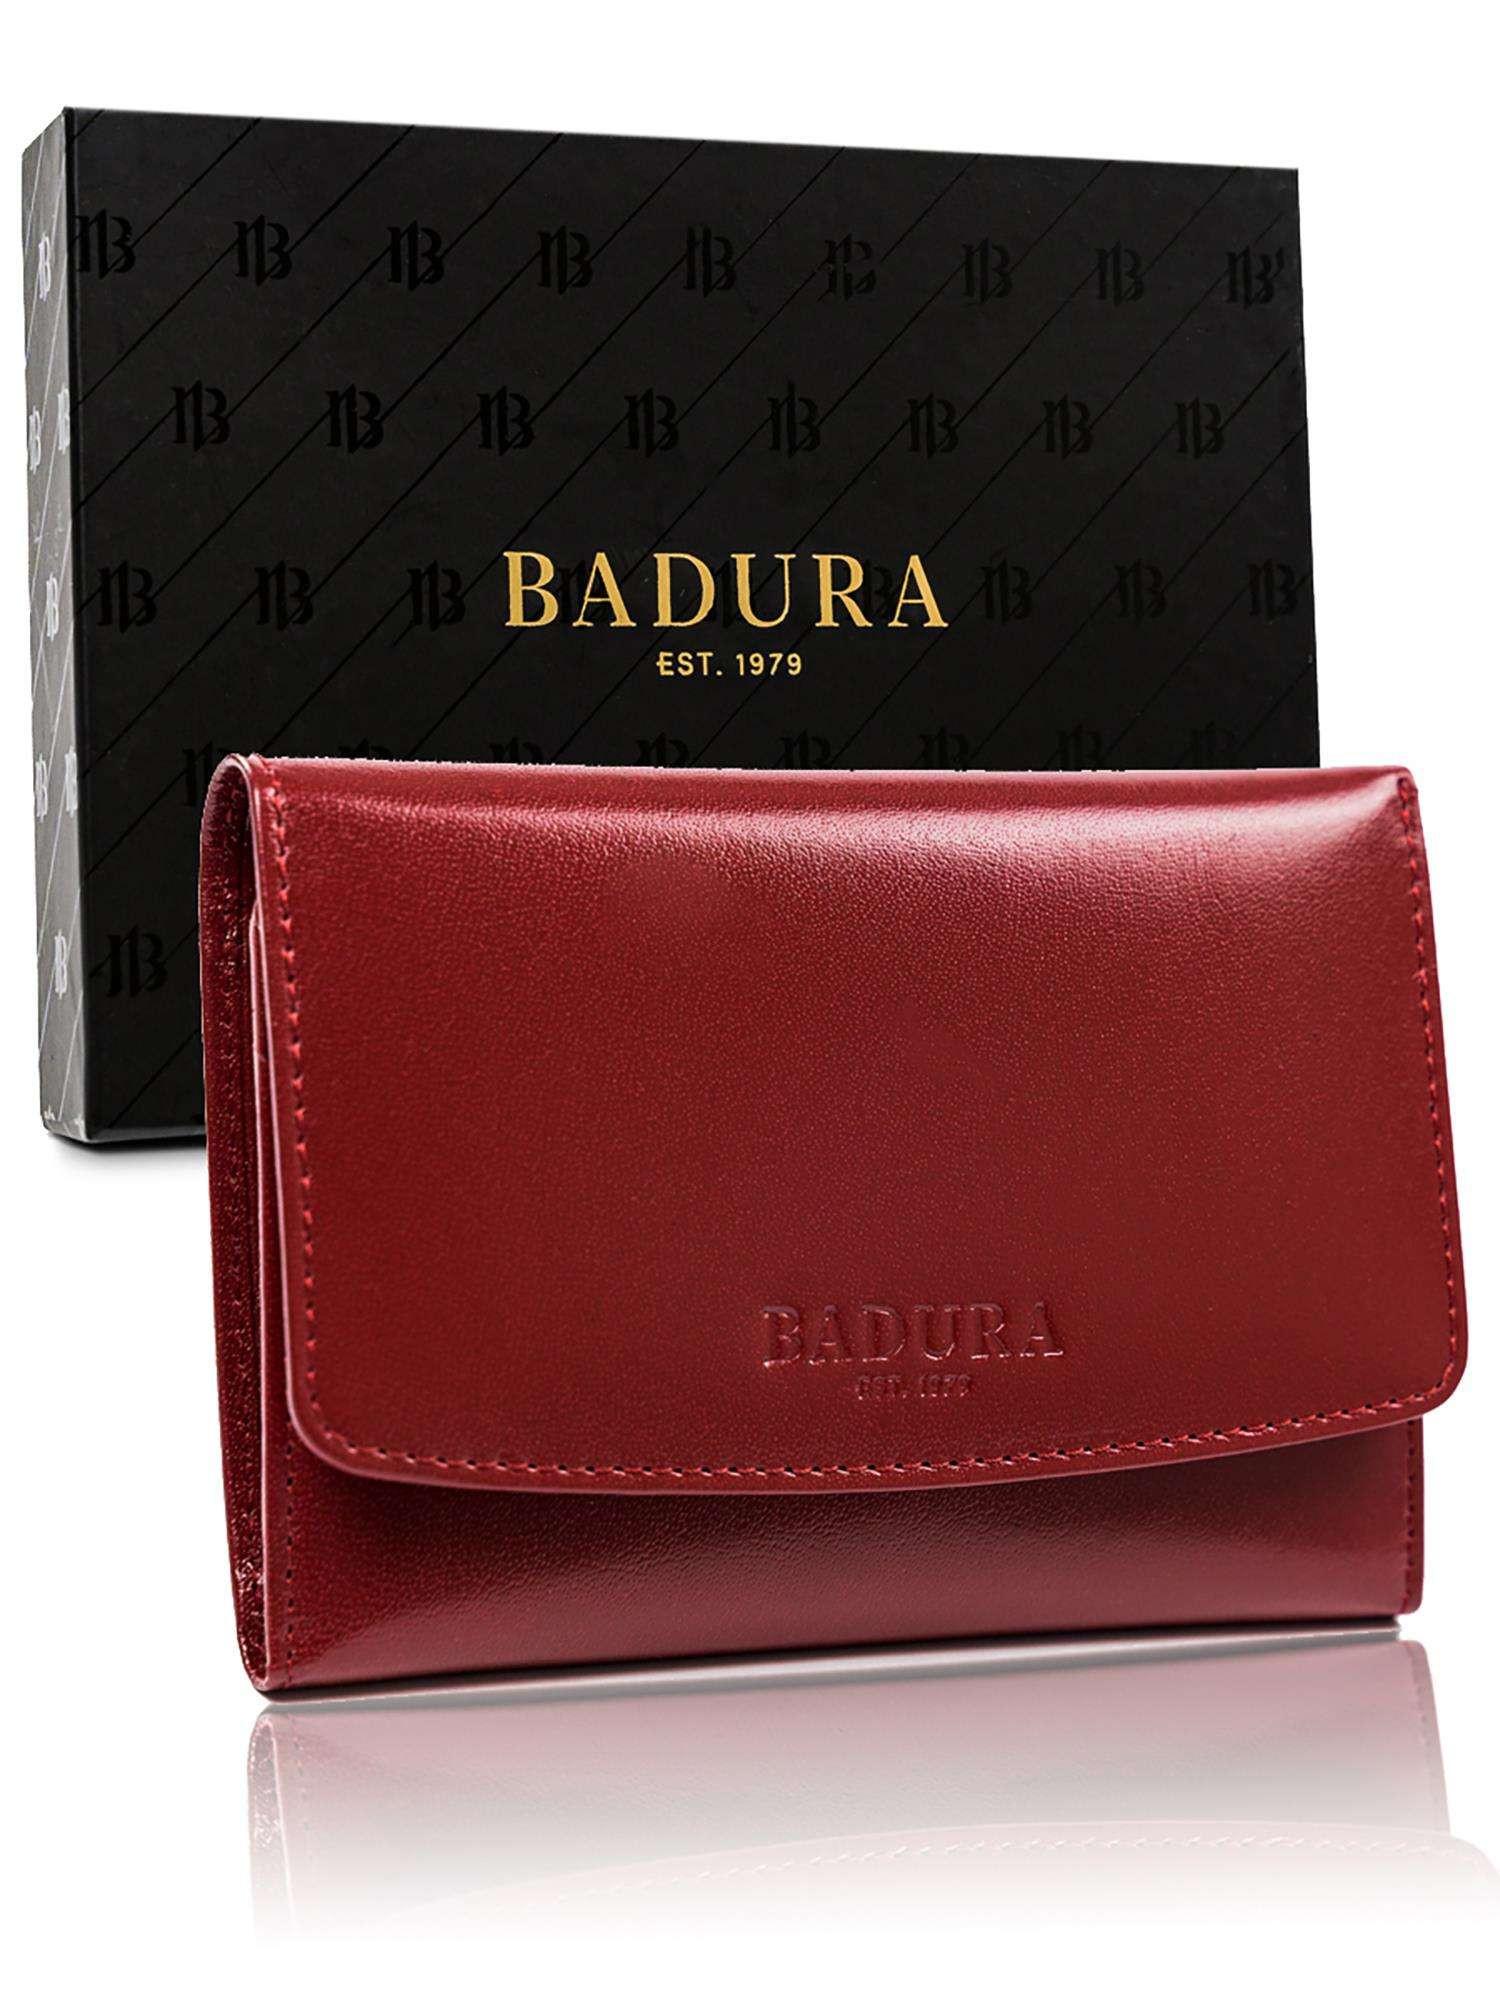 Pánska kožená peňaženka Badura červená one size